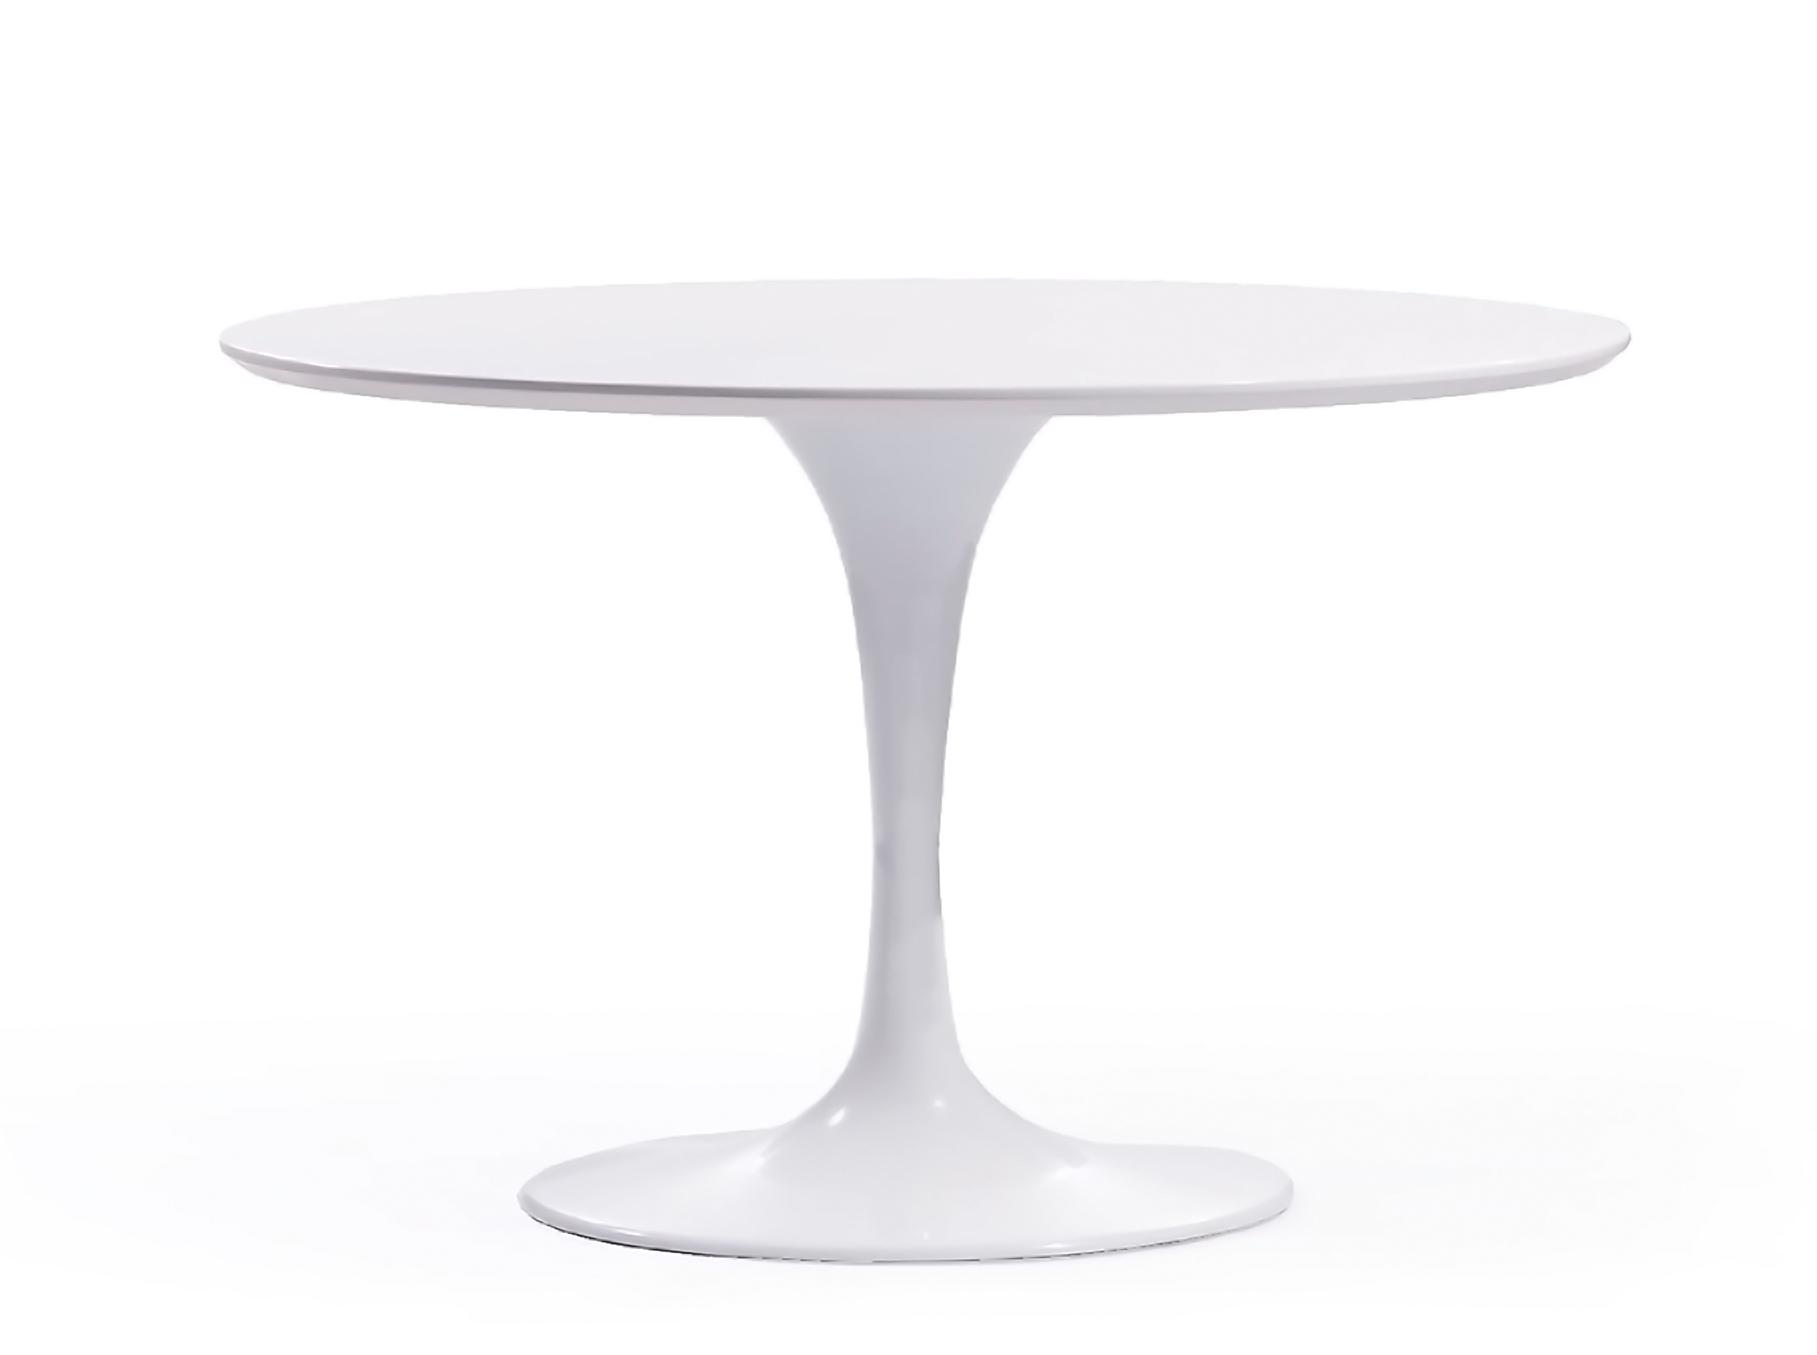 Стол обеденный Apriori TОбеденные столы<br>&amp;lt;div&amp;gt;Обеденный круглый стол с лаконичным основанием из акрилового камня.&amp;amp;nbsp;&amp;lt;/div&amp;gt;&amp;lt;div&amp;gt;Подходит в комплект со стульями серии &amp;quot;Apriori&amp;quot;.&amp;amp;nbsp;&amp;lt;/div&amp;gt;&amp;lt;div&amp;gt;&amp;lt;br&amp;gt;&amp;lt;/div&amp;gt;&amp;lt;div&amp;gt;Материал: акриловый камень (13тон белый глянец).&amp;lt;/div&amp;gt;&amp;lt;div&amp;gt;&amp;lt;br&amp;gt;&amp;lt;/div&amp;gt;<br>&amp;lt;div&amp;gt;<br>Информация о комплекте&amp;lt;b&amp;gt;&amp;lt;a href=&amp;quot;https://www.thefurnish.ru/shop/mebel/mebel-dlya-doma/komplekty-mebeli/66319-obedennaya-gruppa-apriori-t-stol-plius-4-stula&amp;quot;&amp;gt;&amp;amp;gt;&amp;amp;gt; Перейти&amp;lt;/a&amp;gt;&amp;lt;/b&amp;gt;<br>&amp;lt;/div&amp;gt;&amp;lt;div&amp;gt;&amp;lt;br&amp;gt;&amp;lt;/div&amp;gt;&amp;lt;div&amp;gt;<br>Информация о комплекте&amp;lt;a href=&amp;quot;https://www.thefurnish.ru/shop/mebel/mebel-dlya-doma/komplekty-mebeli/66381-obedennaya-gruppa-apriori-t-stol-plius-4-stula&amp;quot;&amp;gt;&amp;lt;b&amp;gt;&amp;amp;gt;&amp;amp;gt; Перейти&amp;lt;/b&amp;gt;&amp;lt;/a&amp;gt;<br>&amp;lt;/div&amp;gt;<br><br>Material: Дерево<br>Высота см: 77.0